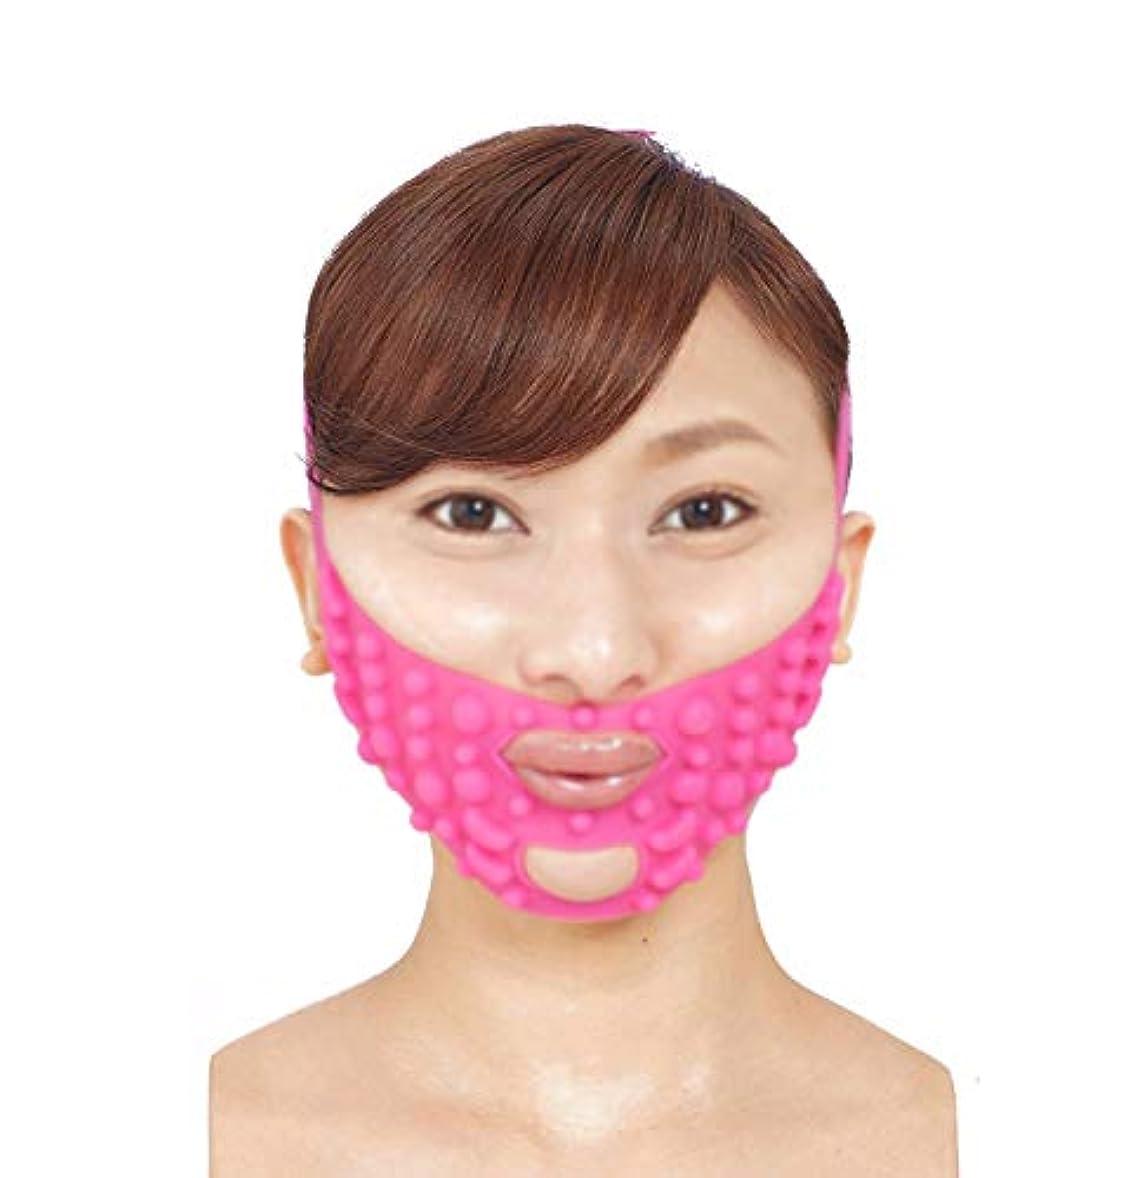 毛皮別に意義フェイシャルマスク、フェイスリフティングアーティファクトフェイスマスク垂れ下がり面付きVフェイス包帯通気性スリーピングフェイスダブルチンチンセット睡眠弾性スリミングベルト